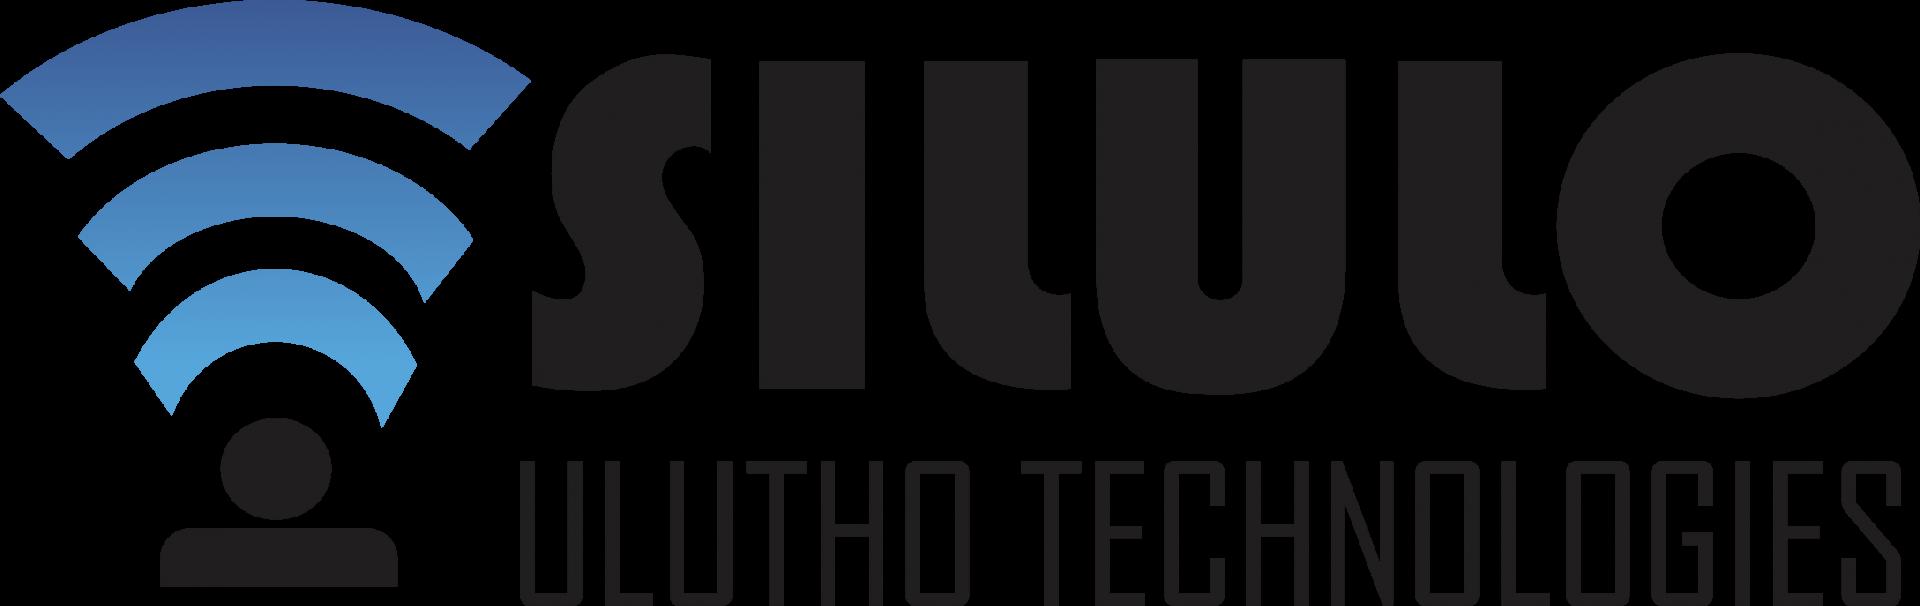 Silulo logo